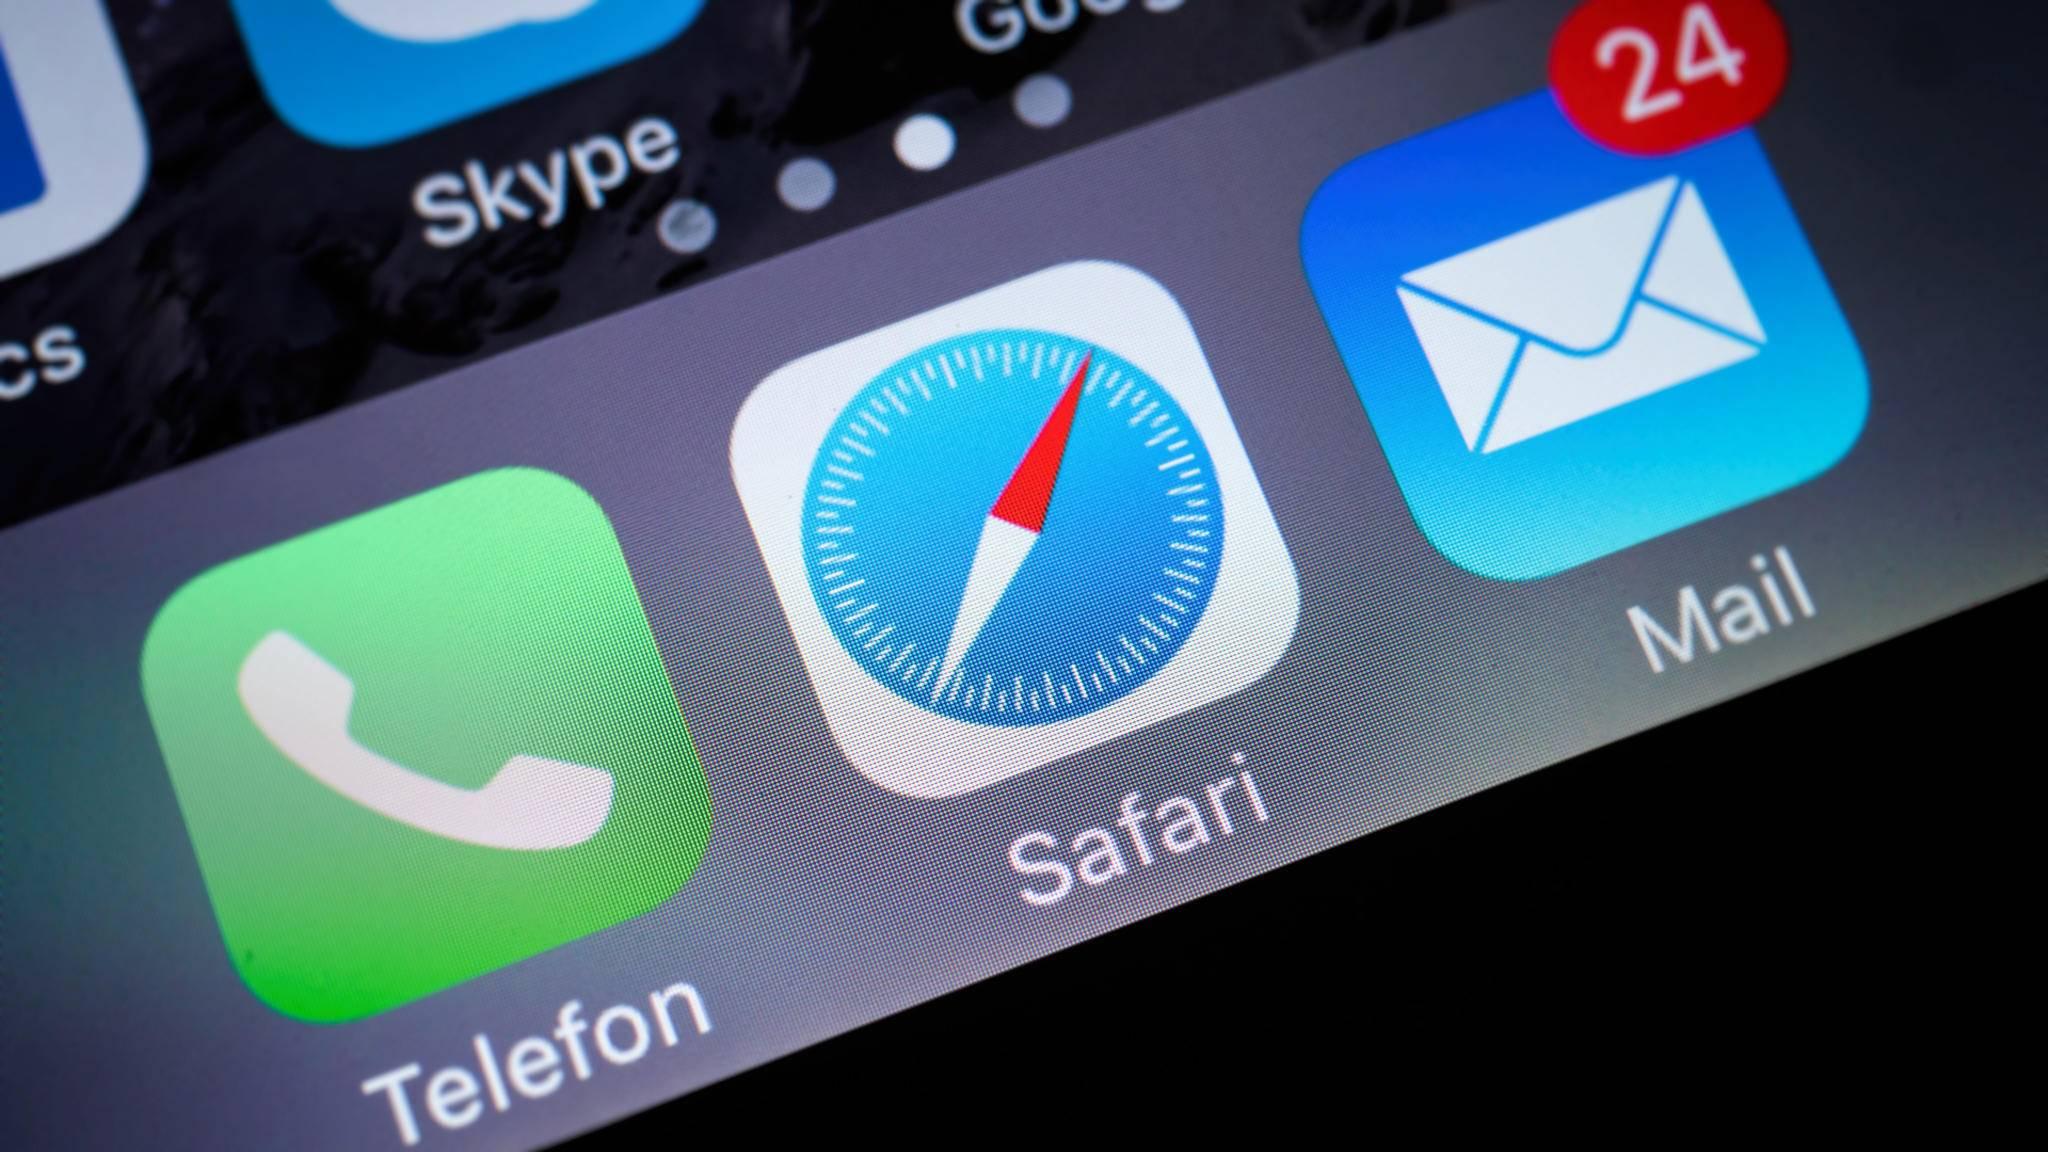 Auf dem iPhone kannst Du in den Einstellungen gespeicherte Safari-Passwörter einsehen.